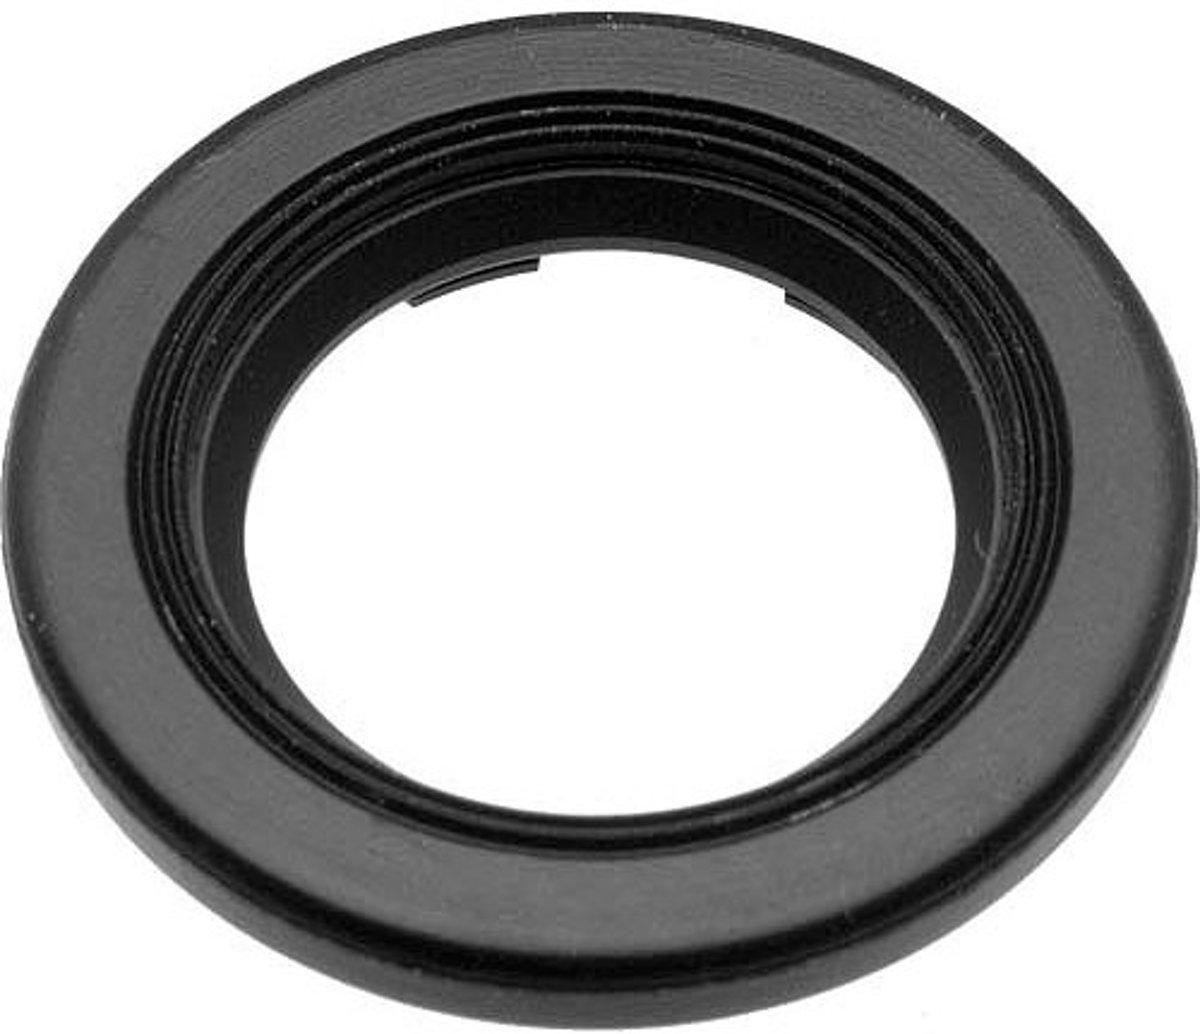 Eyecup / Oogschelp DK-17 voor Nikon camera's kopen